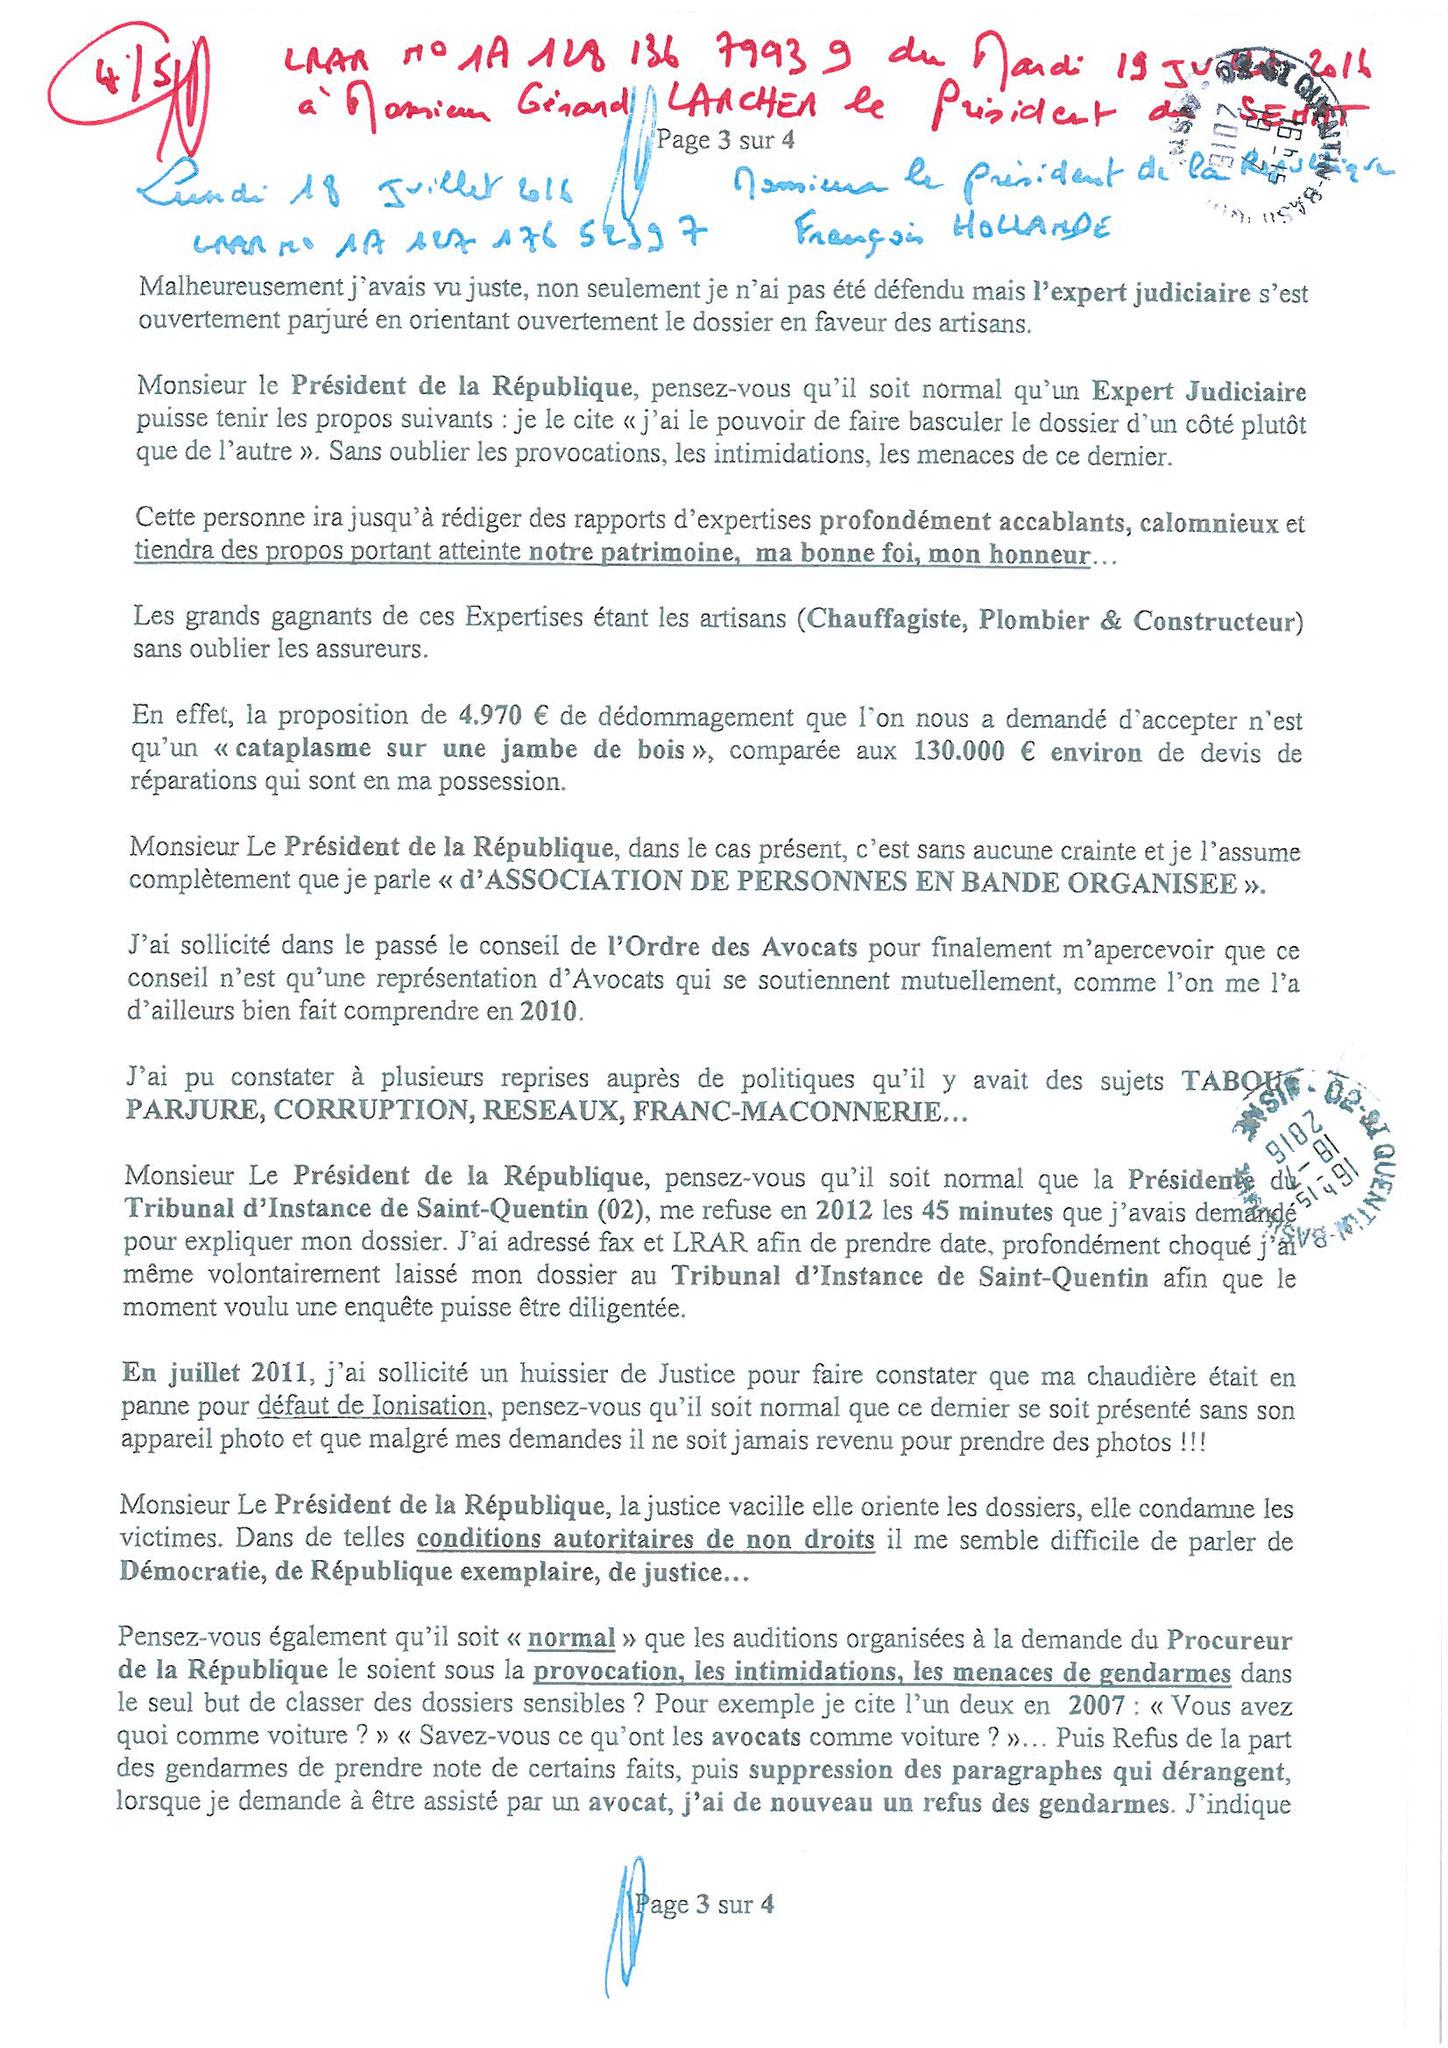 LRAR du 19 Juillet 2016 à Monsieur Gérard LARCHER le Président du Sénat page 4 sur 5